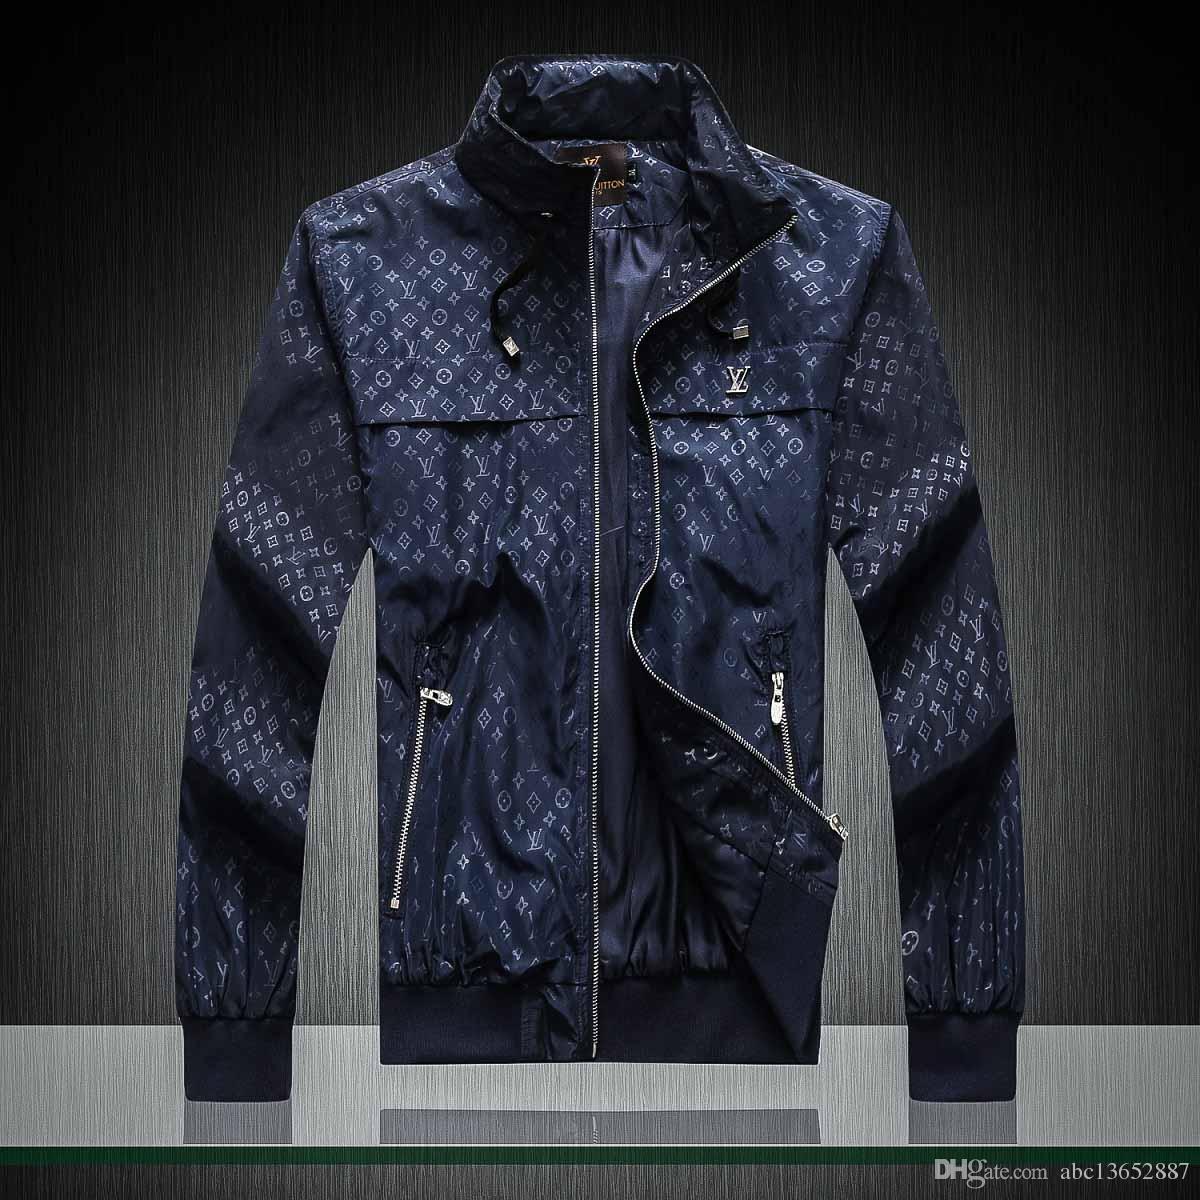 2019 sıcak erkek tasarımcı ceketler Denim Ceketler Erkekler Hip Hop Marka lüks ceket Erkekler Kabanlar Palto erkek Giyim